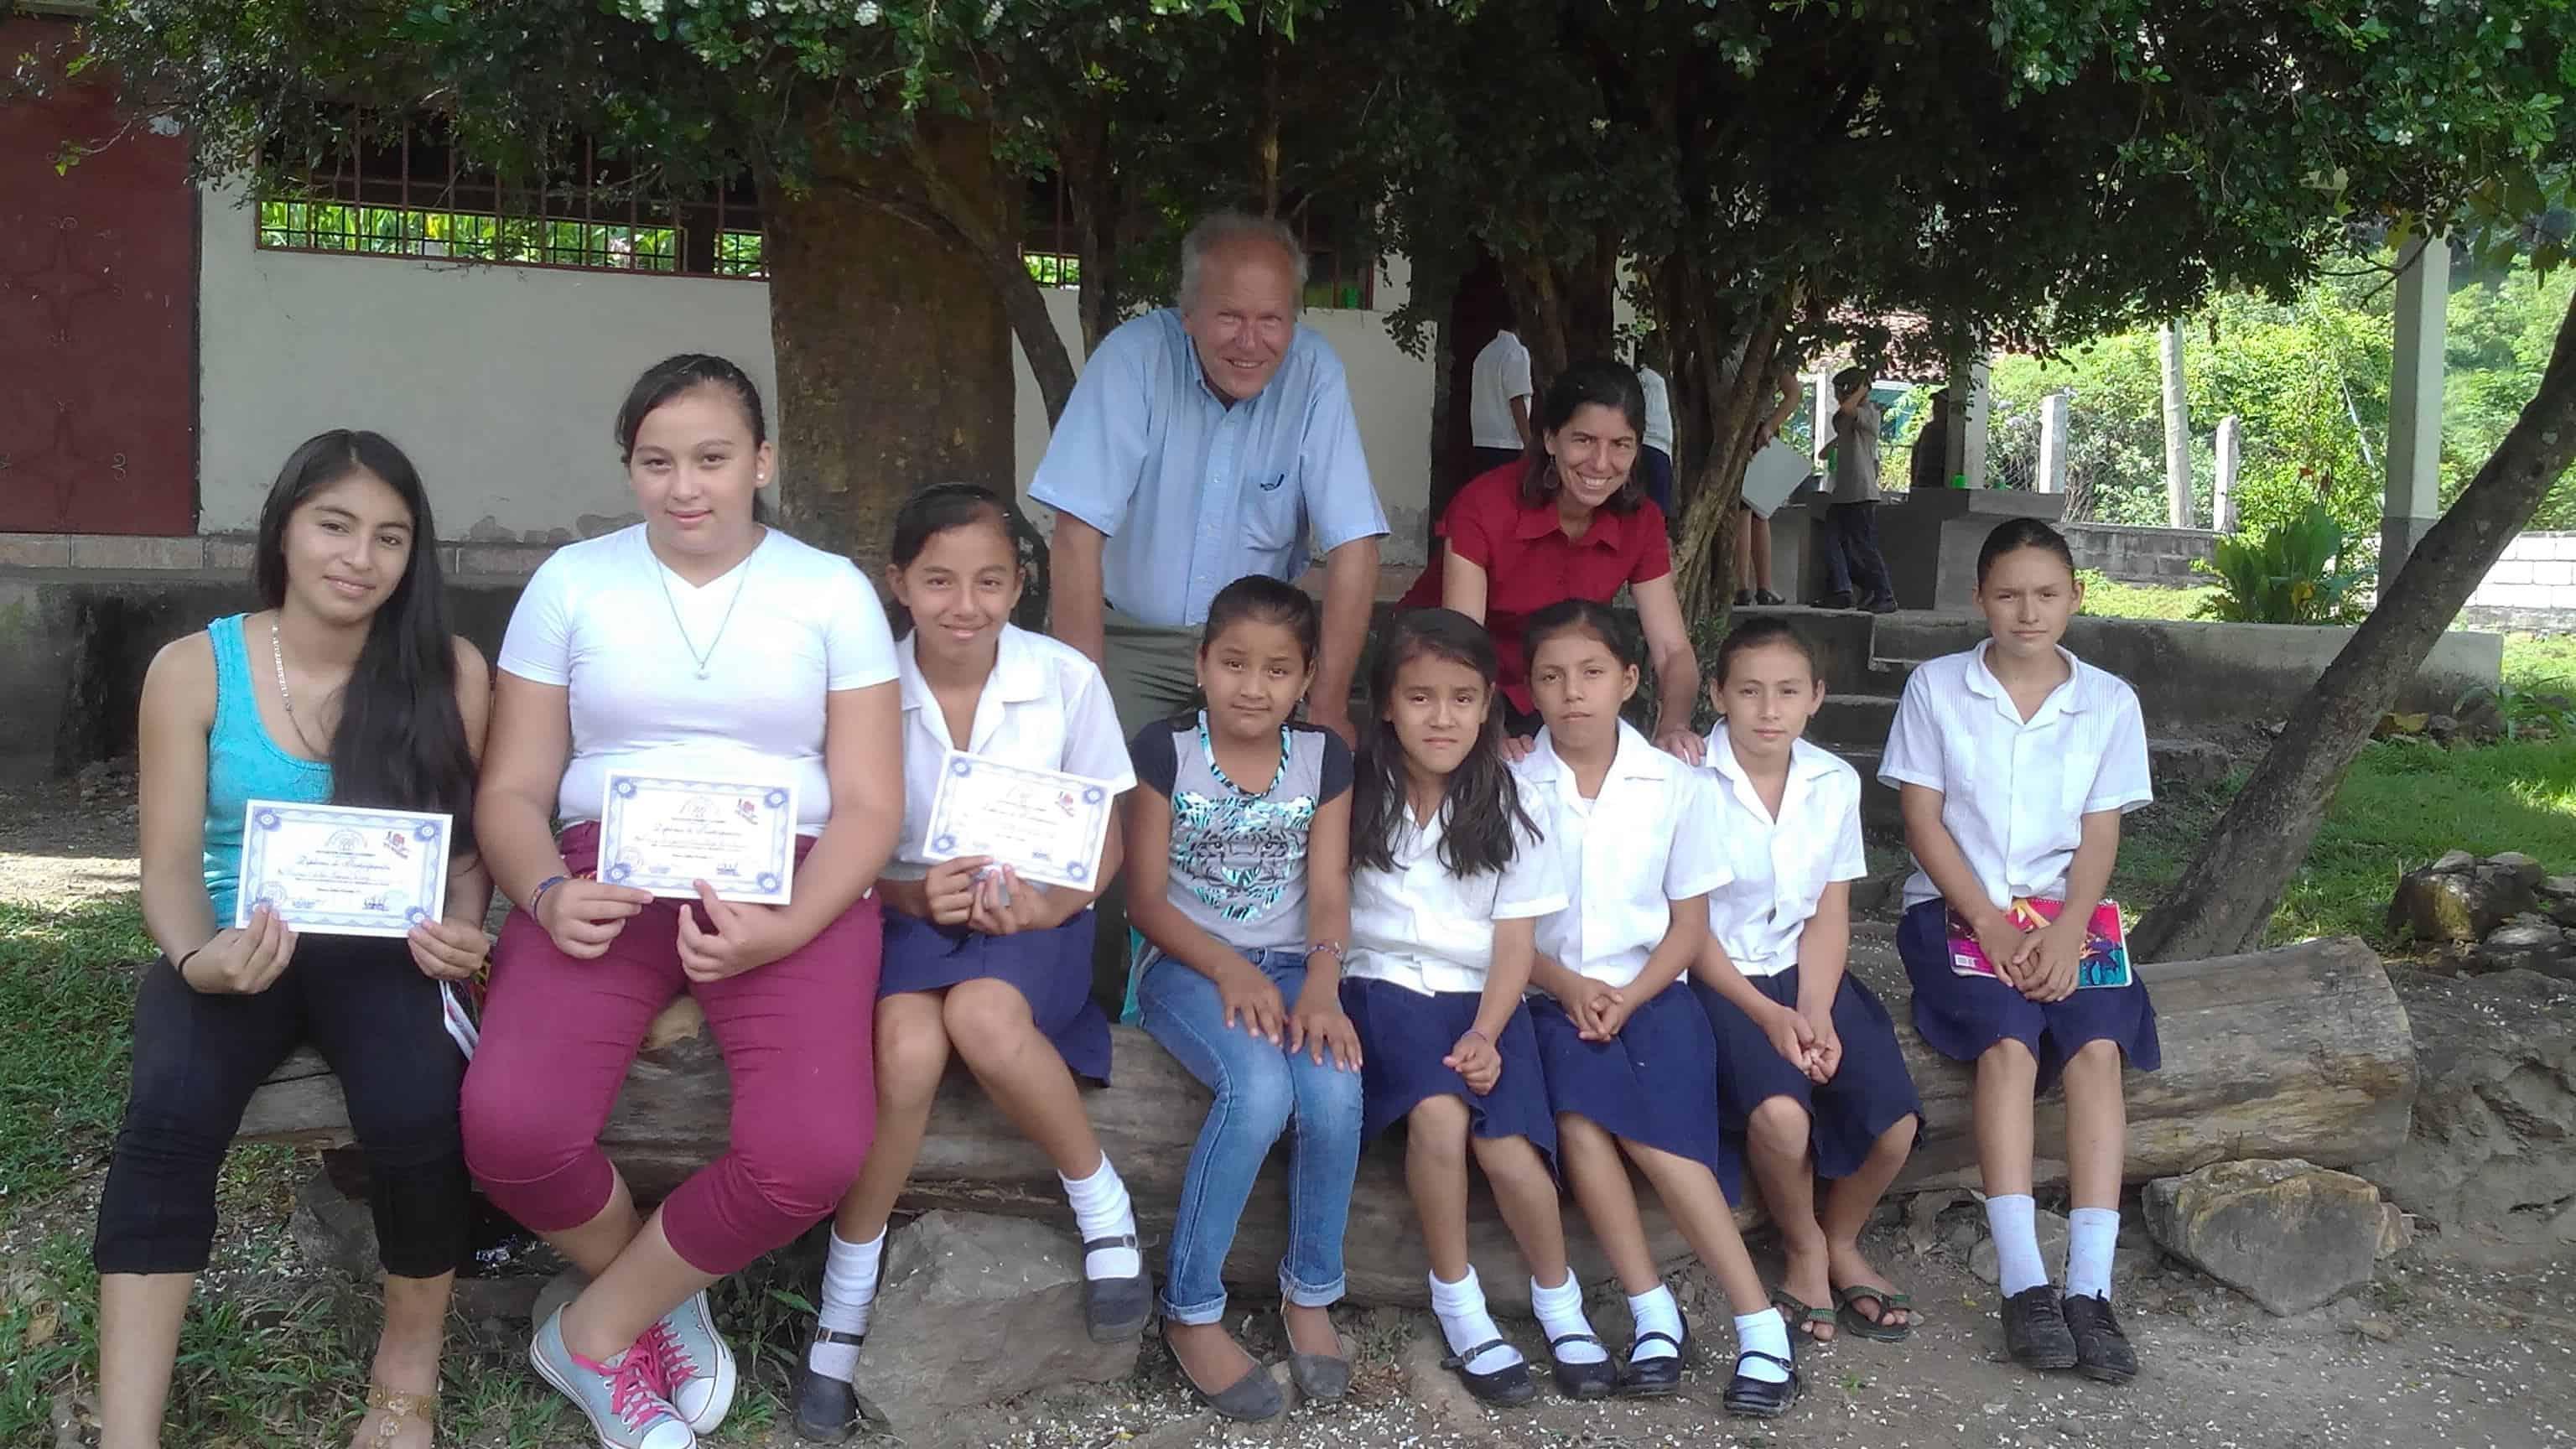 Yo Puedo Girls at Caridad, San Antonio